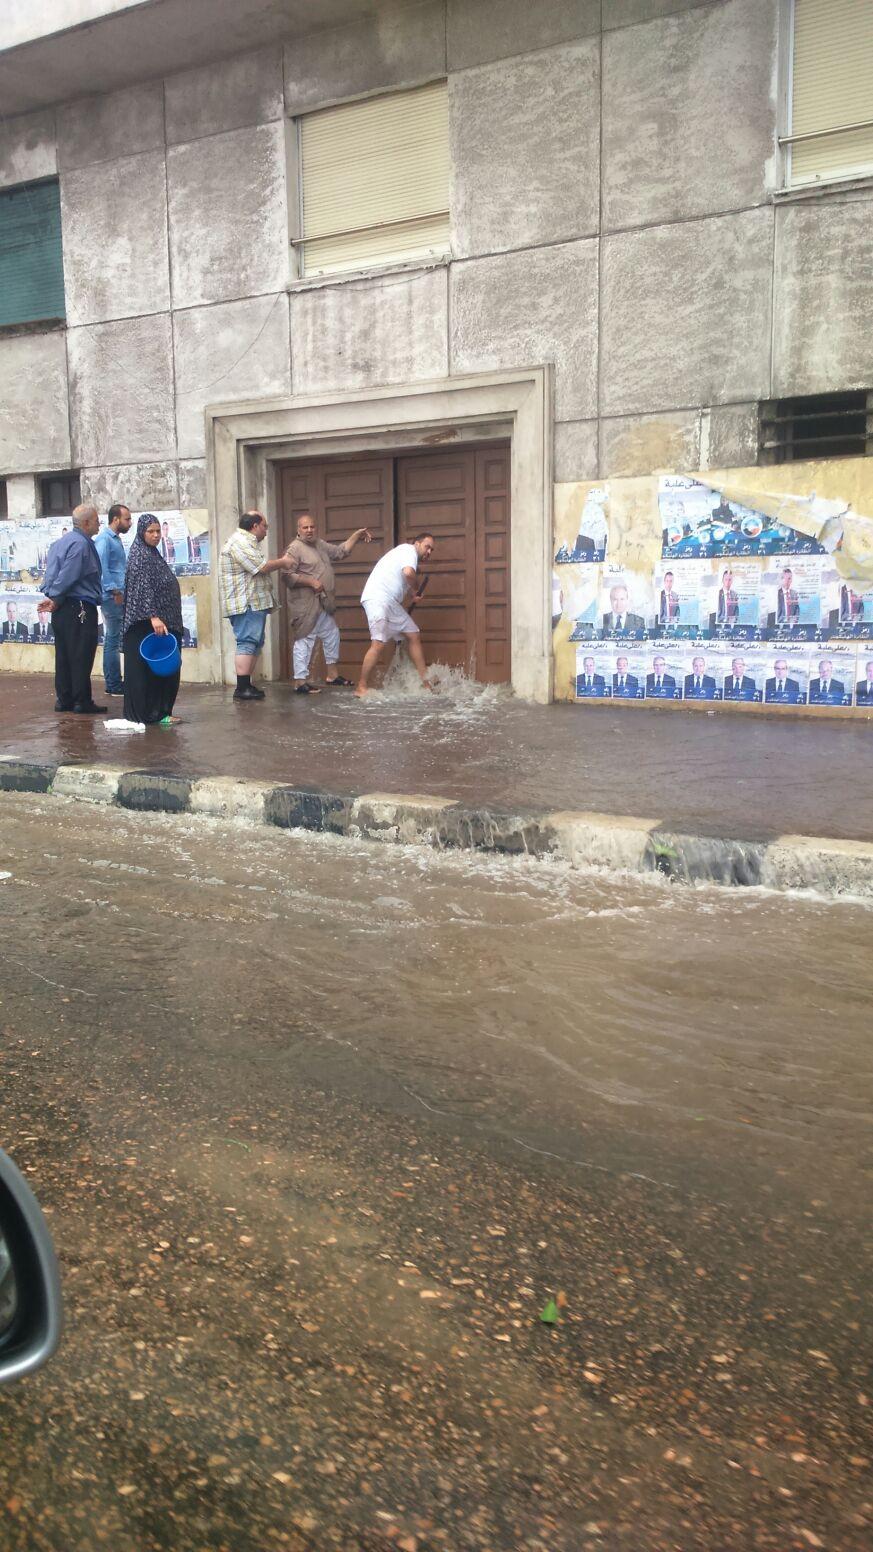 ارتفاع منسوب الأمطار على كورنيش الإسكندرية.. و5 ساعات للوصول للعمل